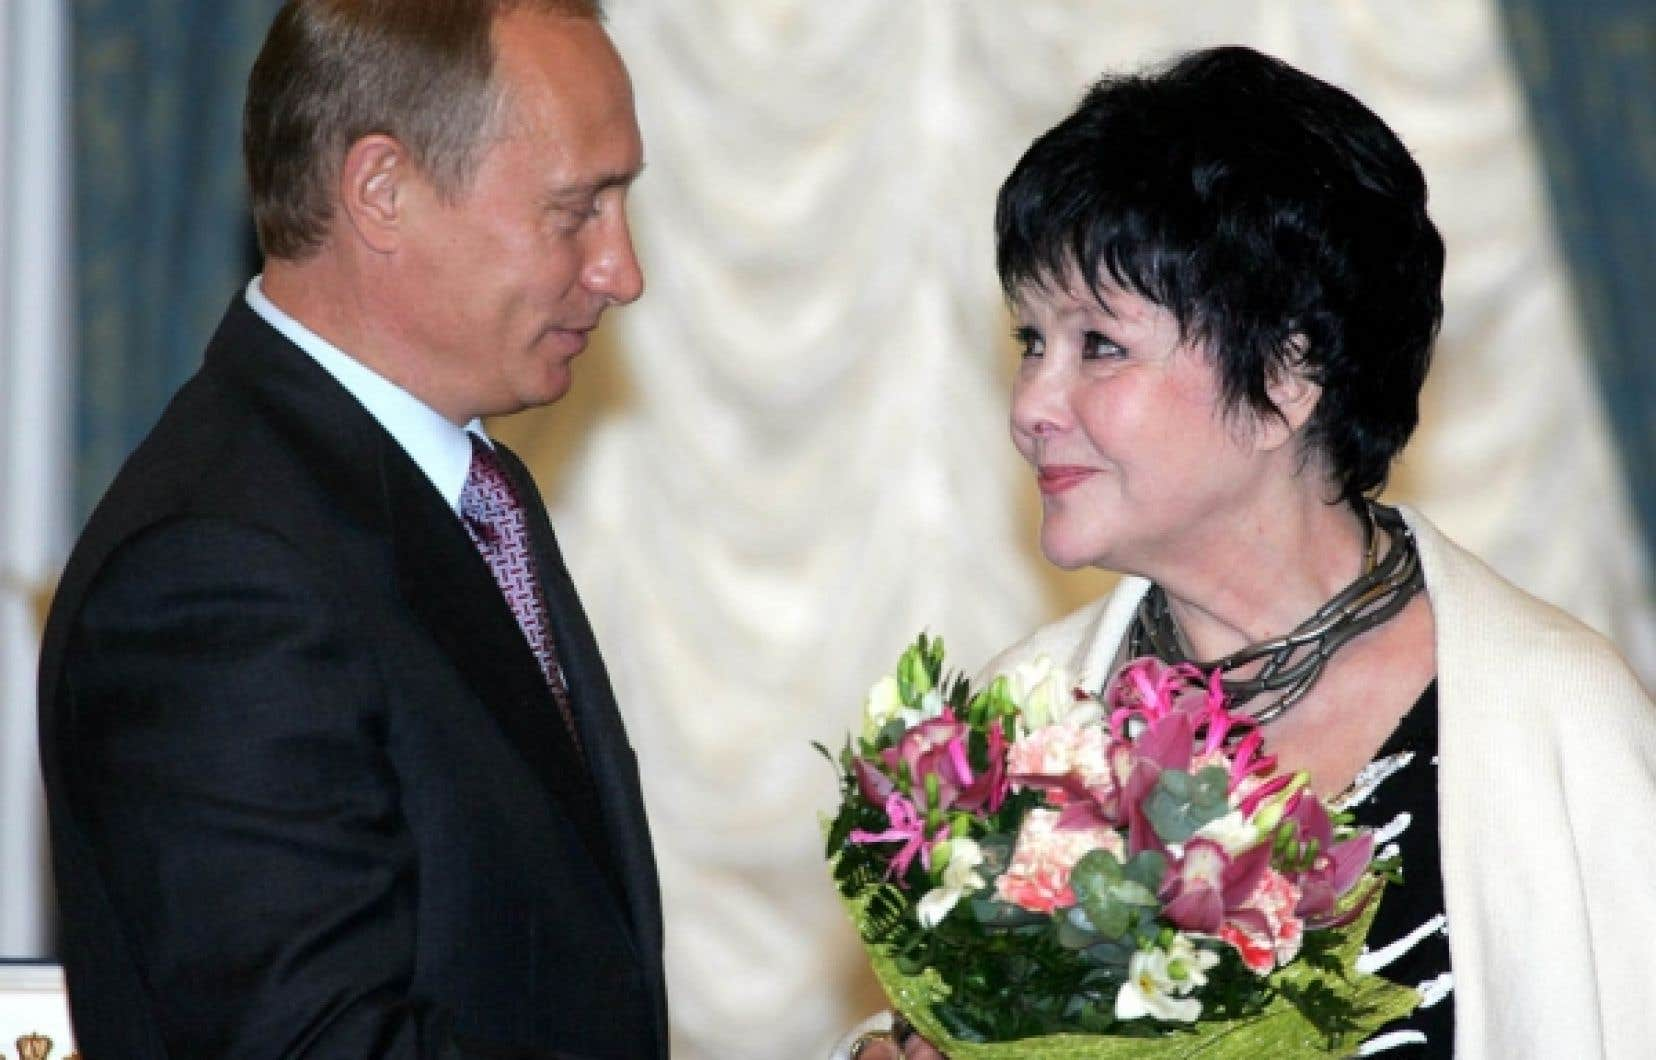 En juin 2004, Bella Akhmadoulina a reçu des mains du président de Russie de l'époque, Vladimir Poutine, un prix remis par l'État pour les arts et la littérature.<br />